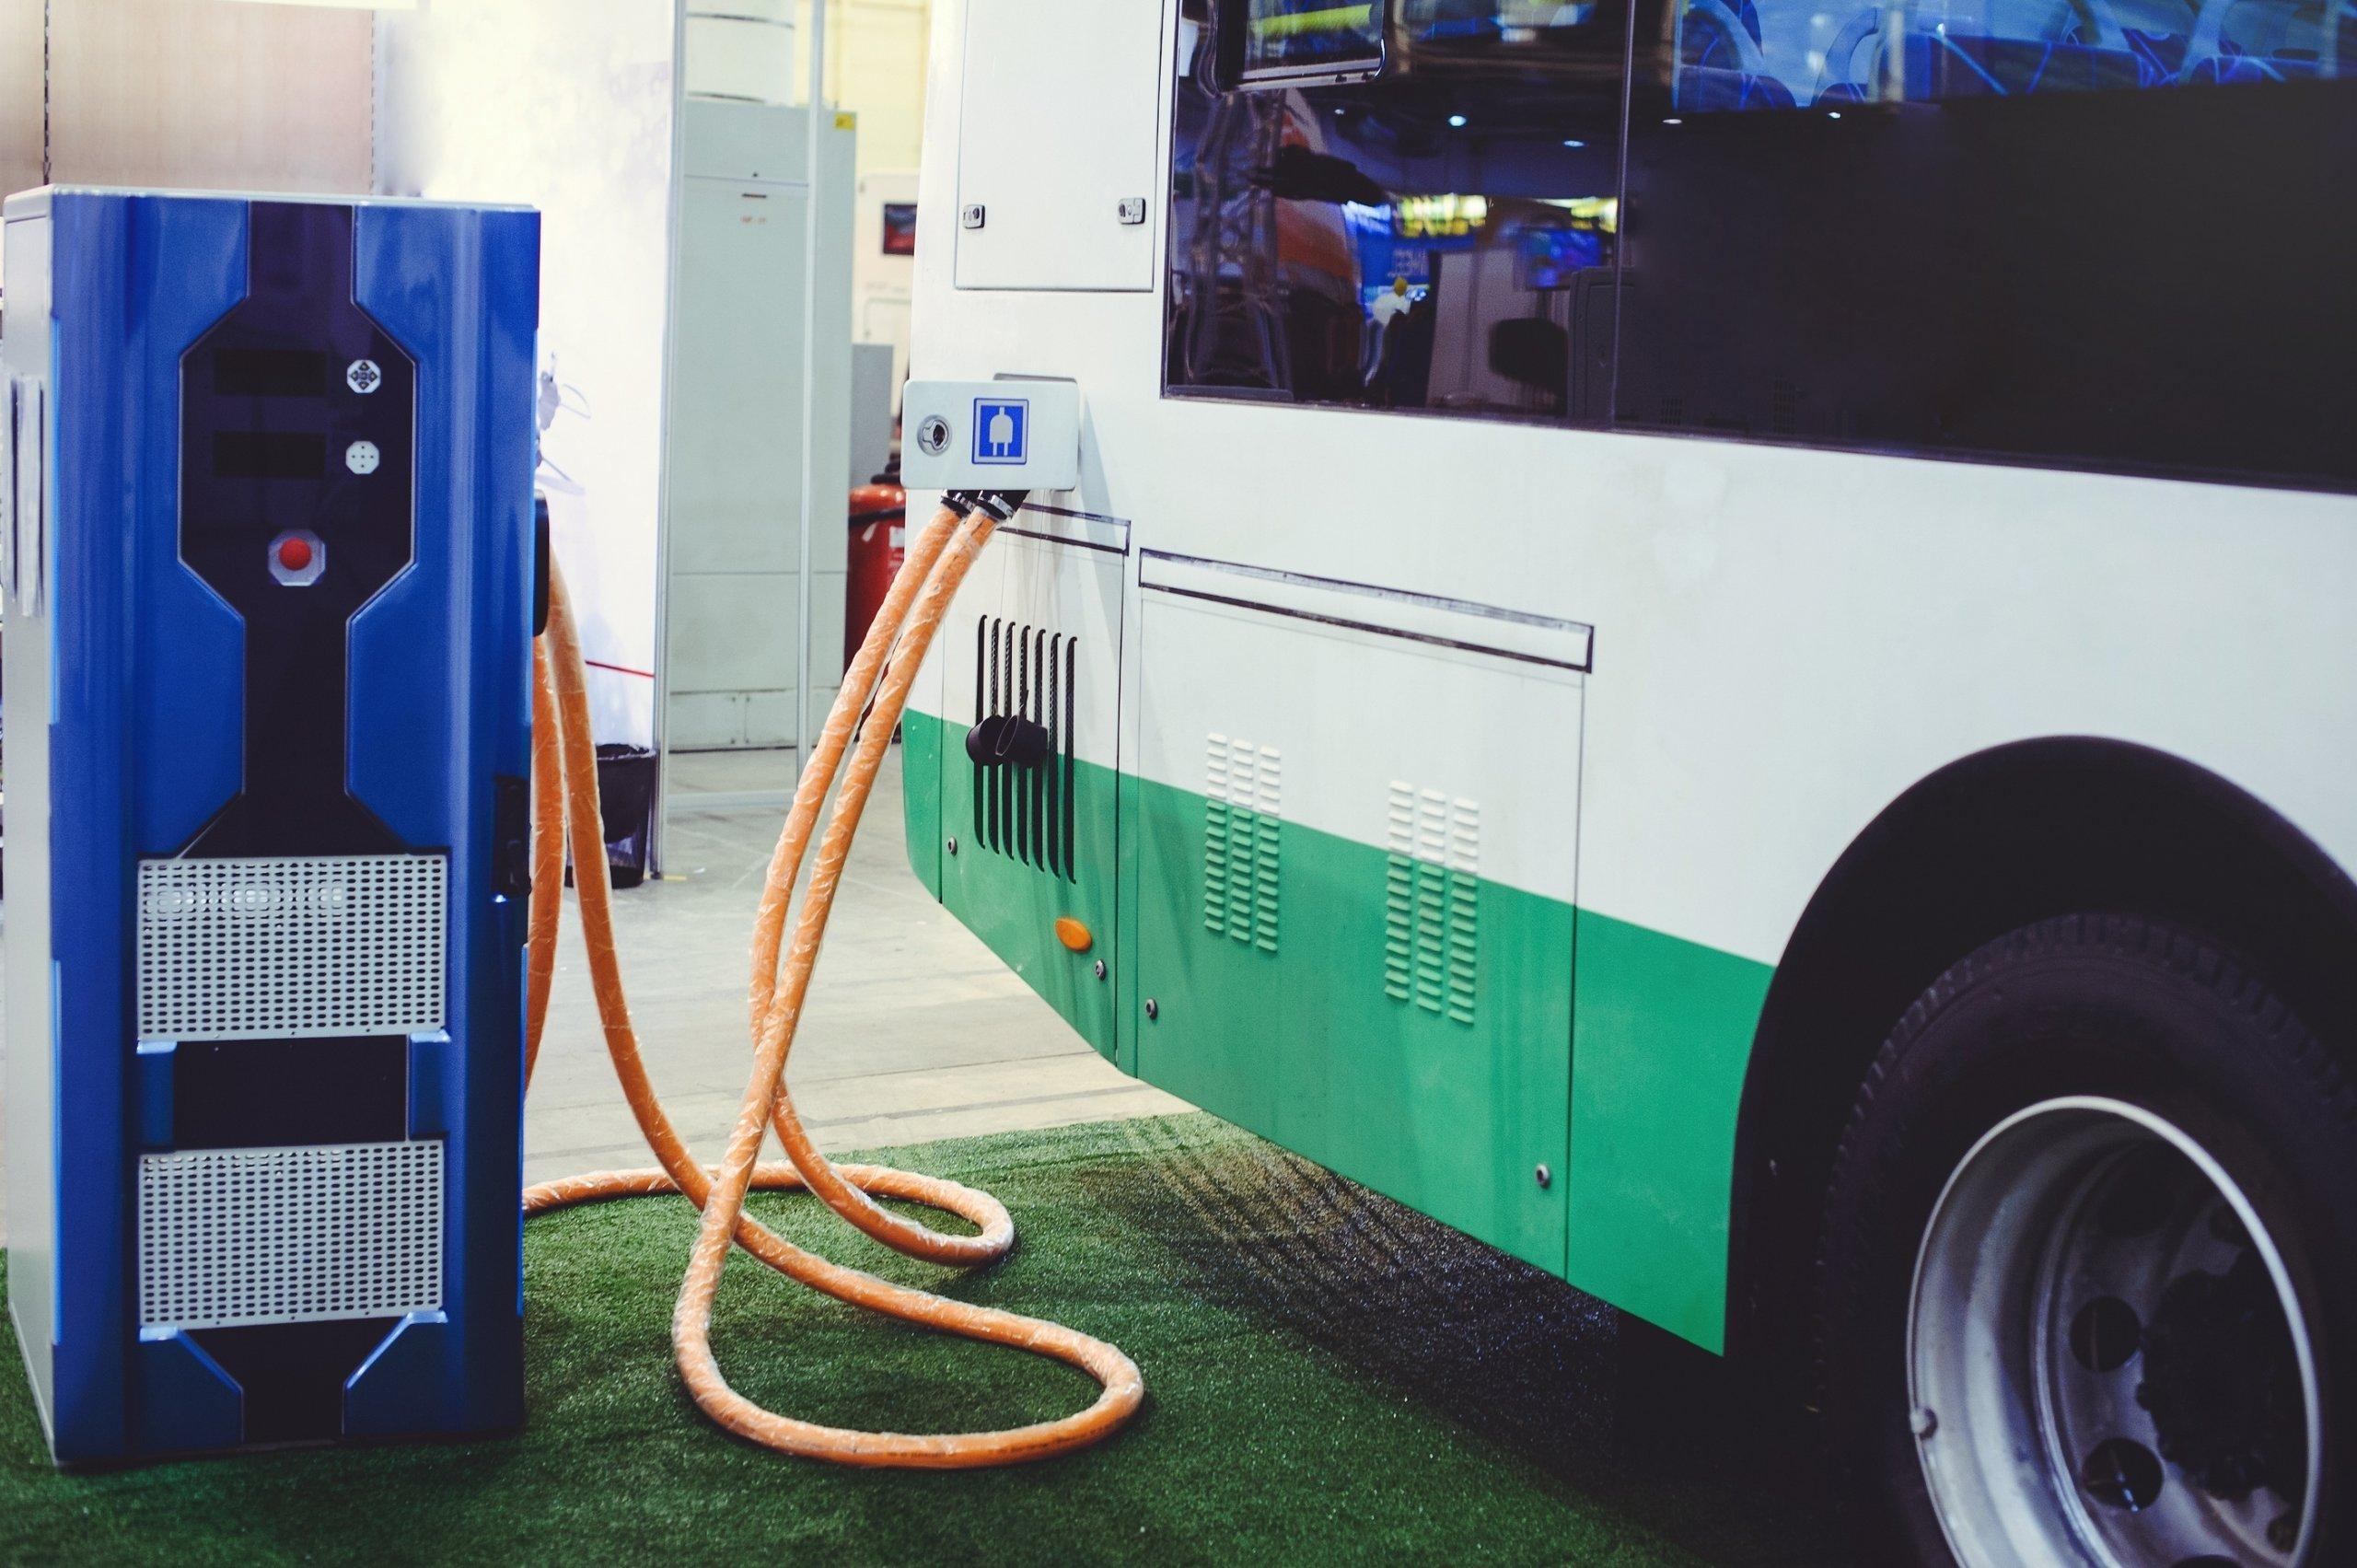 Abu Dhabi lance le premier bus de tourisme électrique du Moyen-Orient © Ruslan Sitarchuk